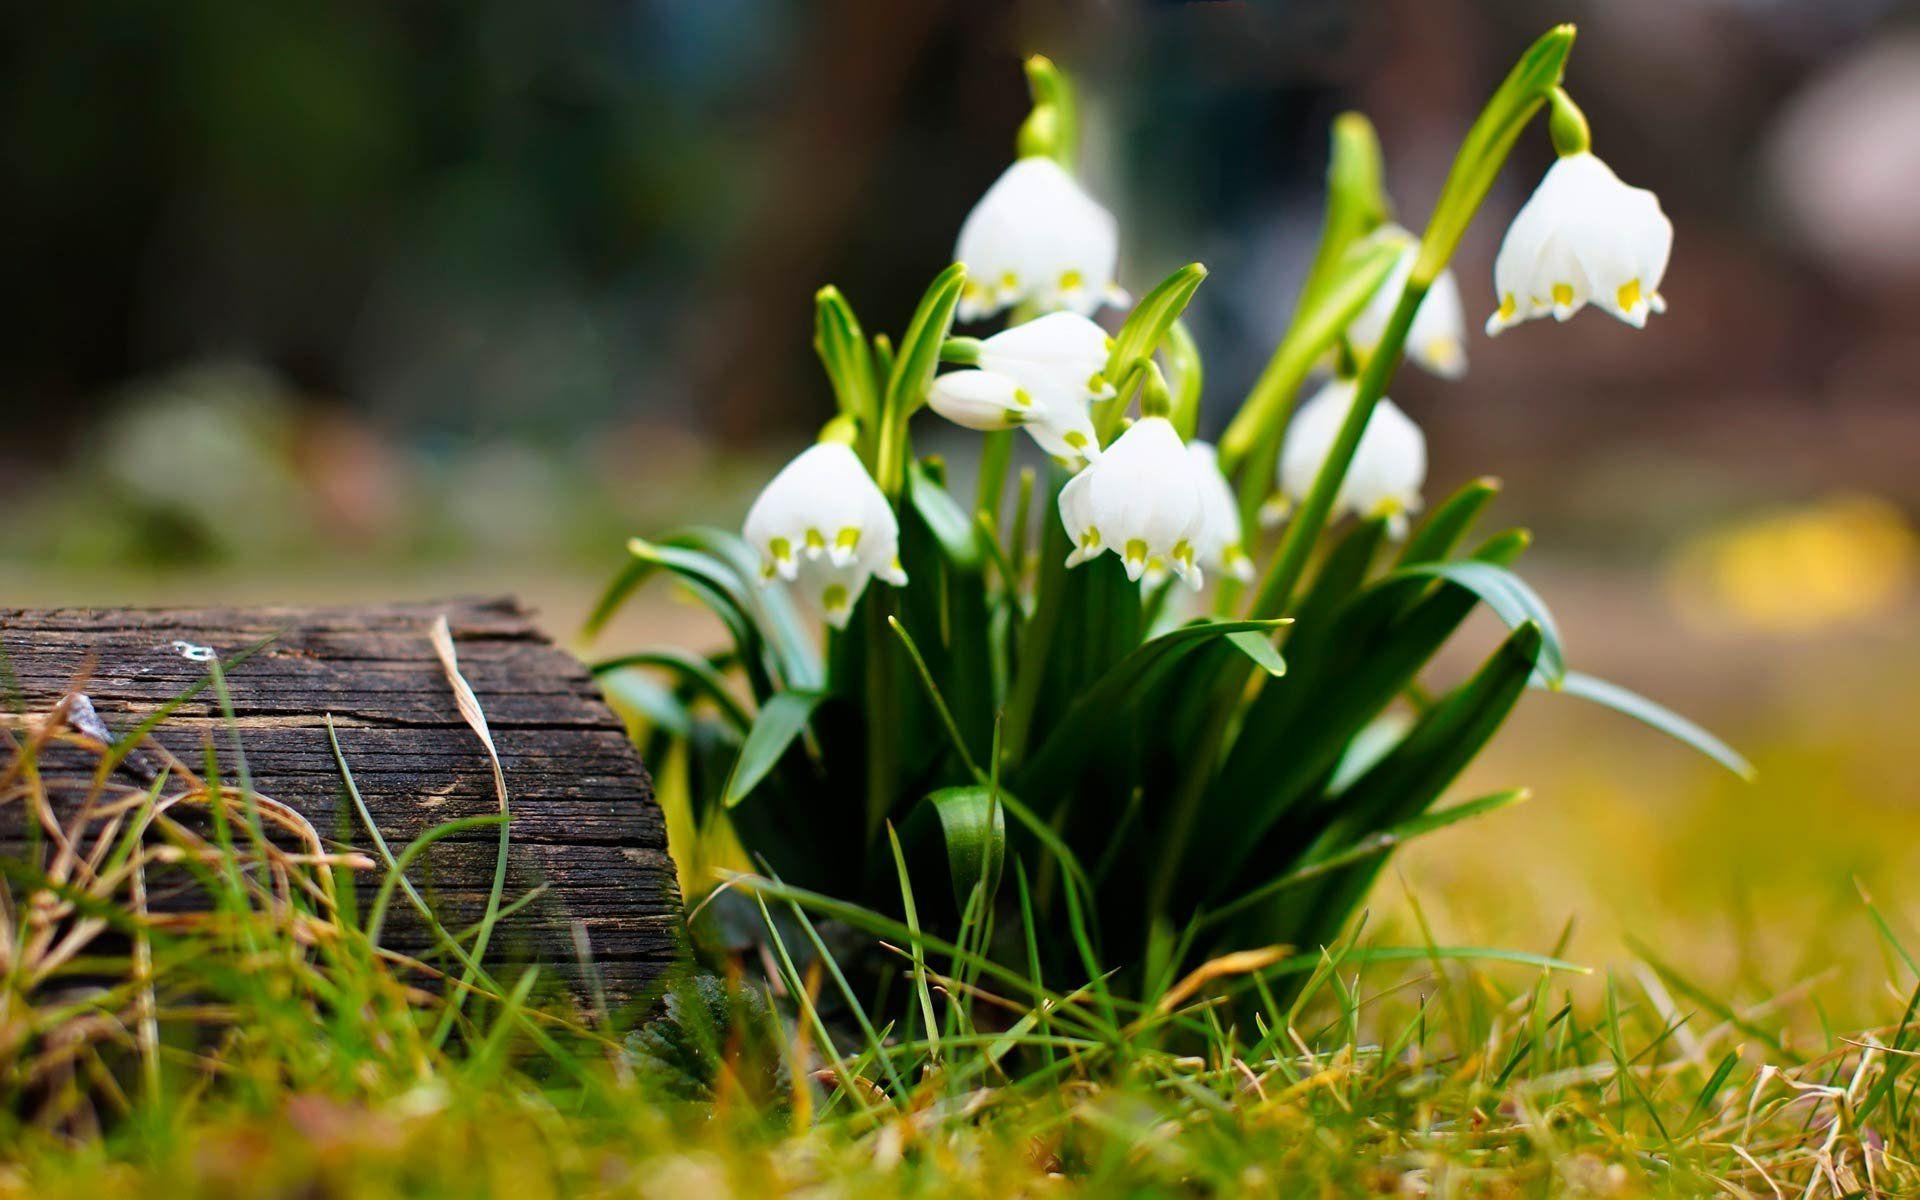 более двадцати картинки на рабочий стол красивые большие весна самый простой